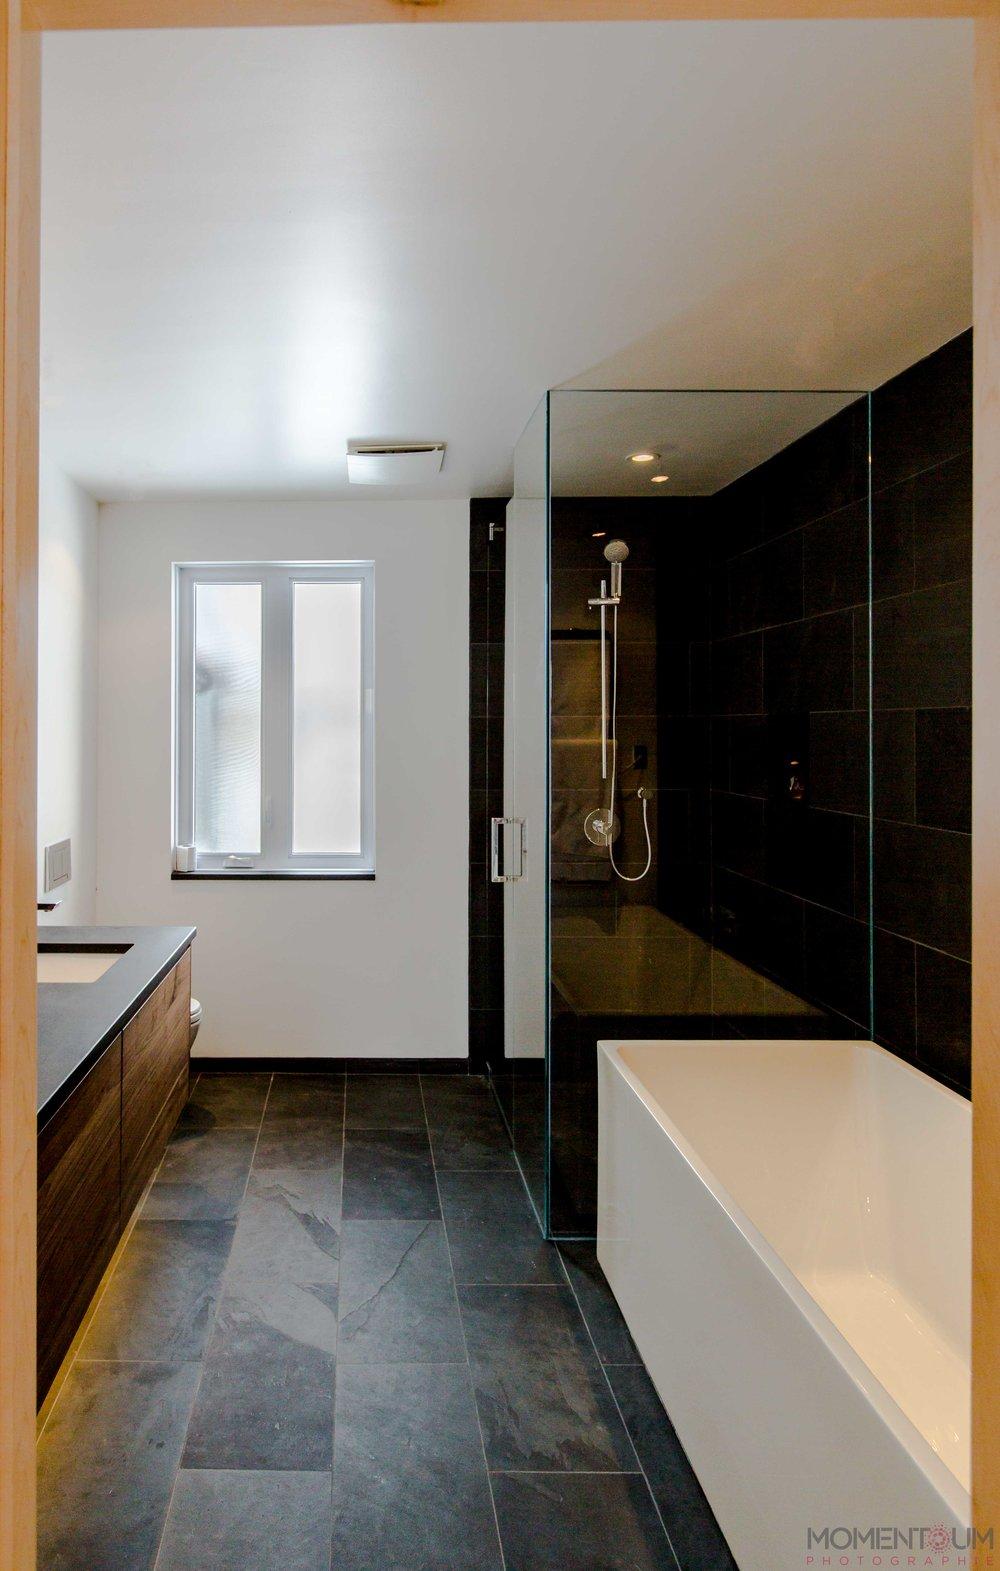 salle de bain Mme Deschenes.jpg